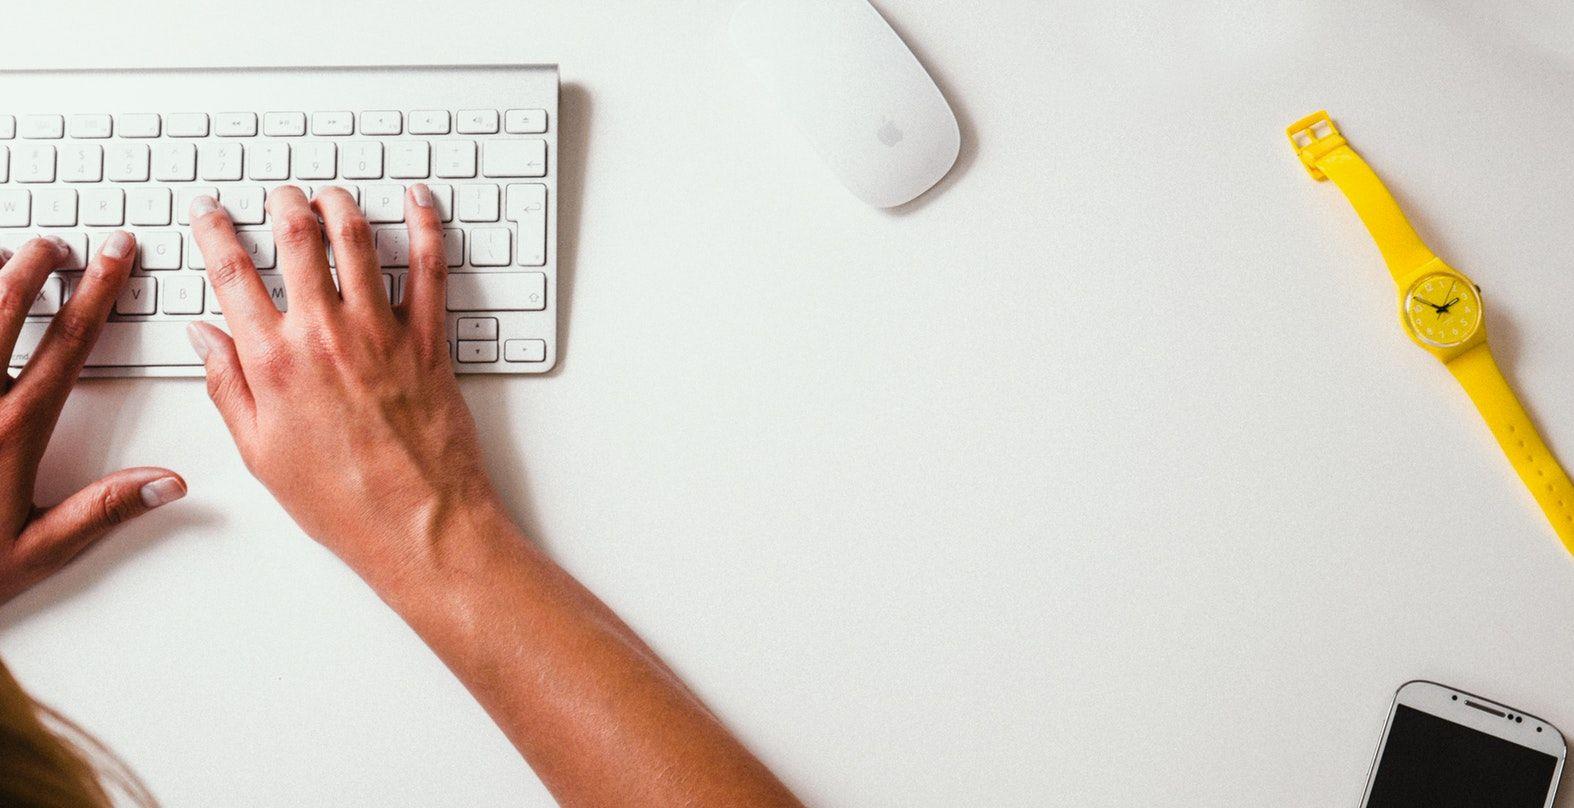 Subcontrattare un programmatore freelance: Vantaggi e rischi